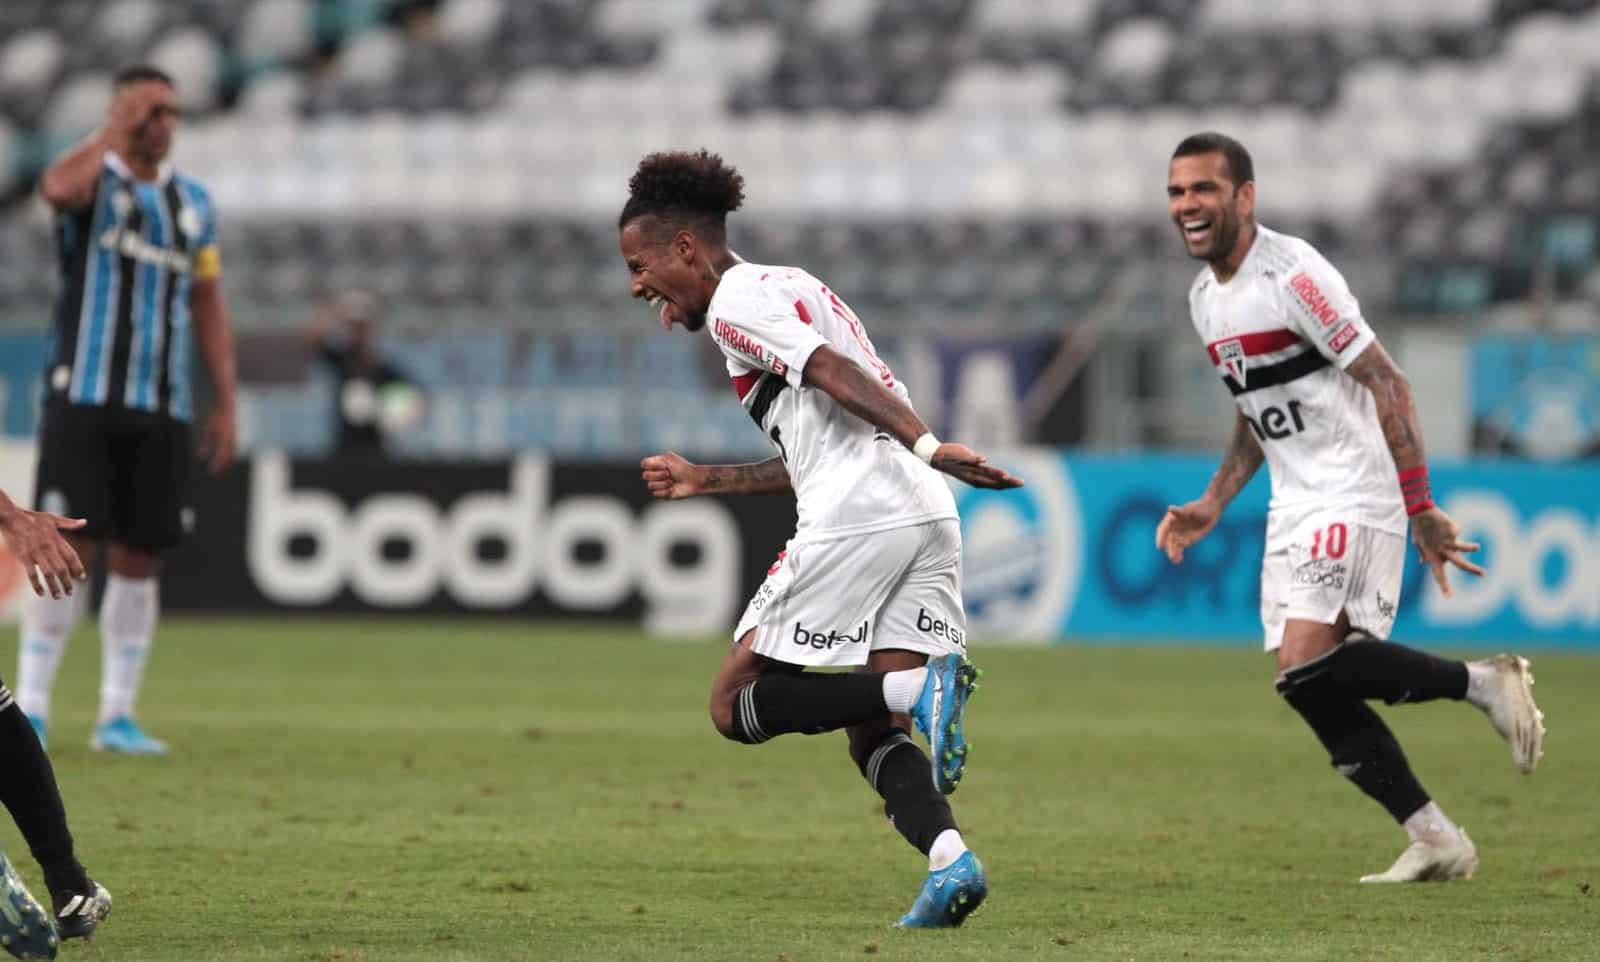 Com objetivos similares, São Paulo e Grêmio se enfrentam na noite deste sábado (14), às 21h, no Estádio Cícero Pompeu de Toledo (Morumbi)